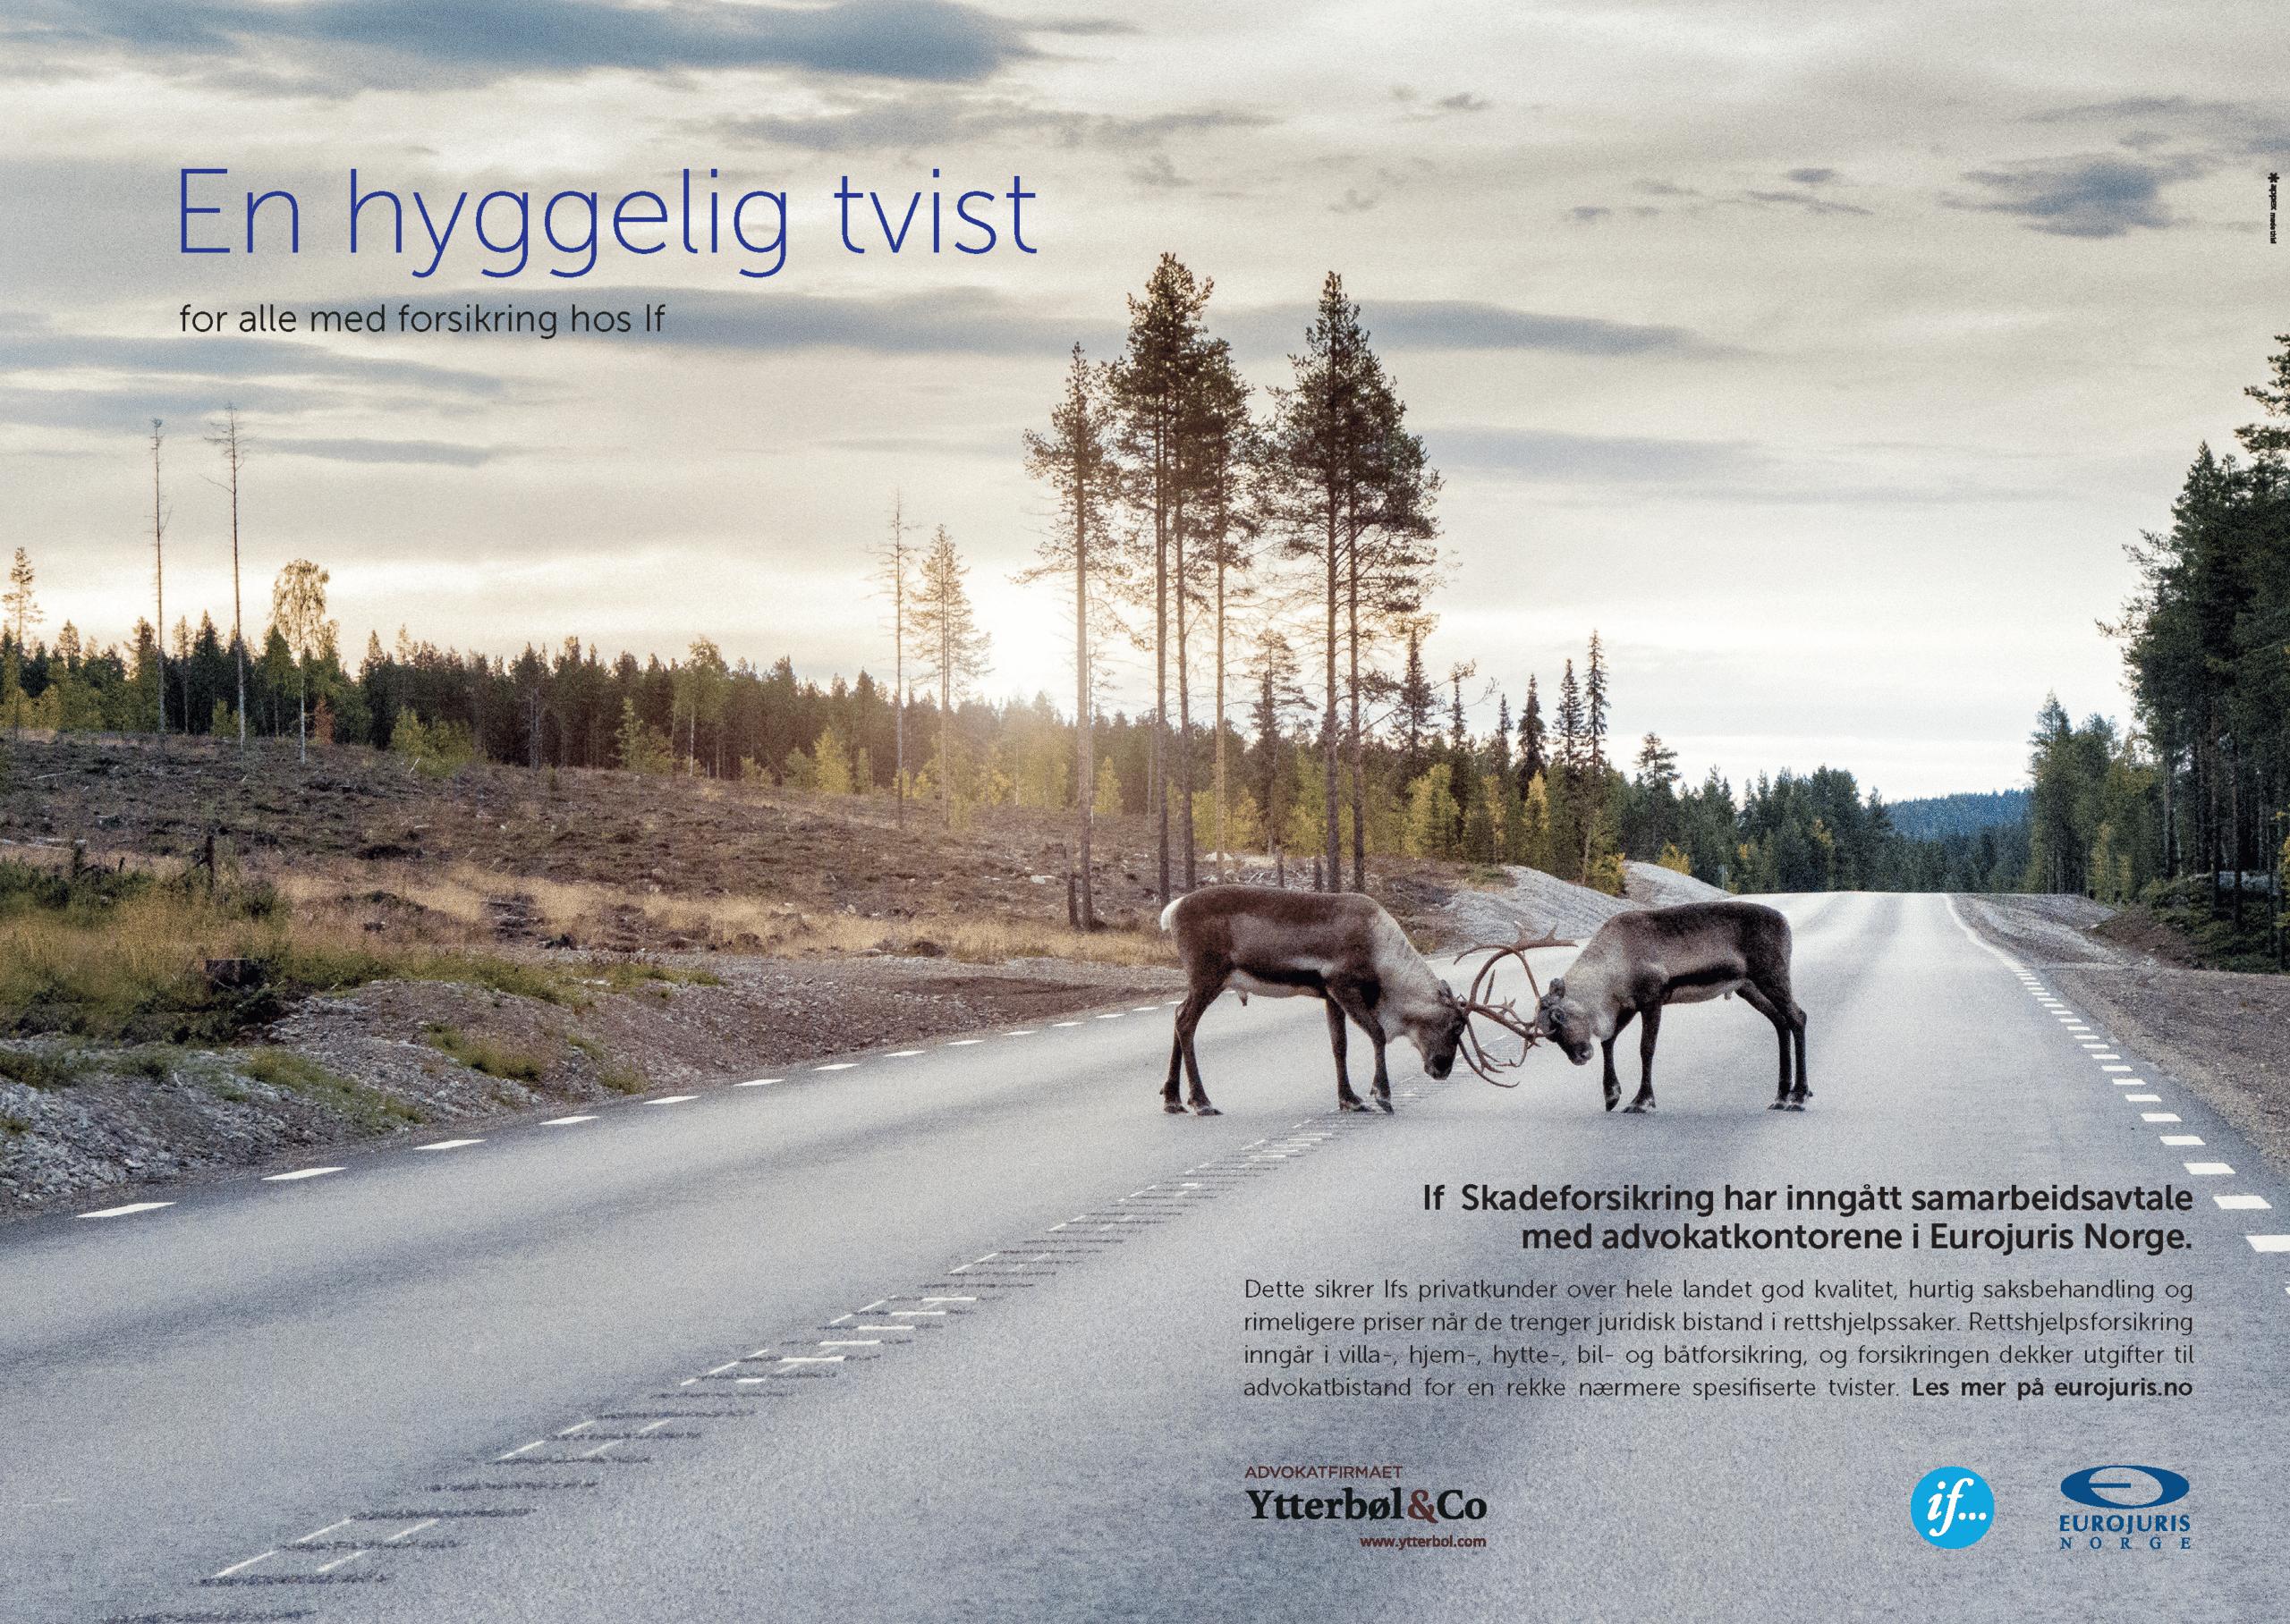 Har du forsikring fra If får du nå avtalepris hos Advokatfirmaet Ytterbøl